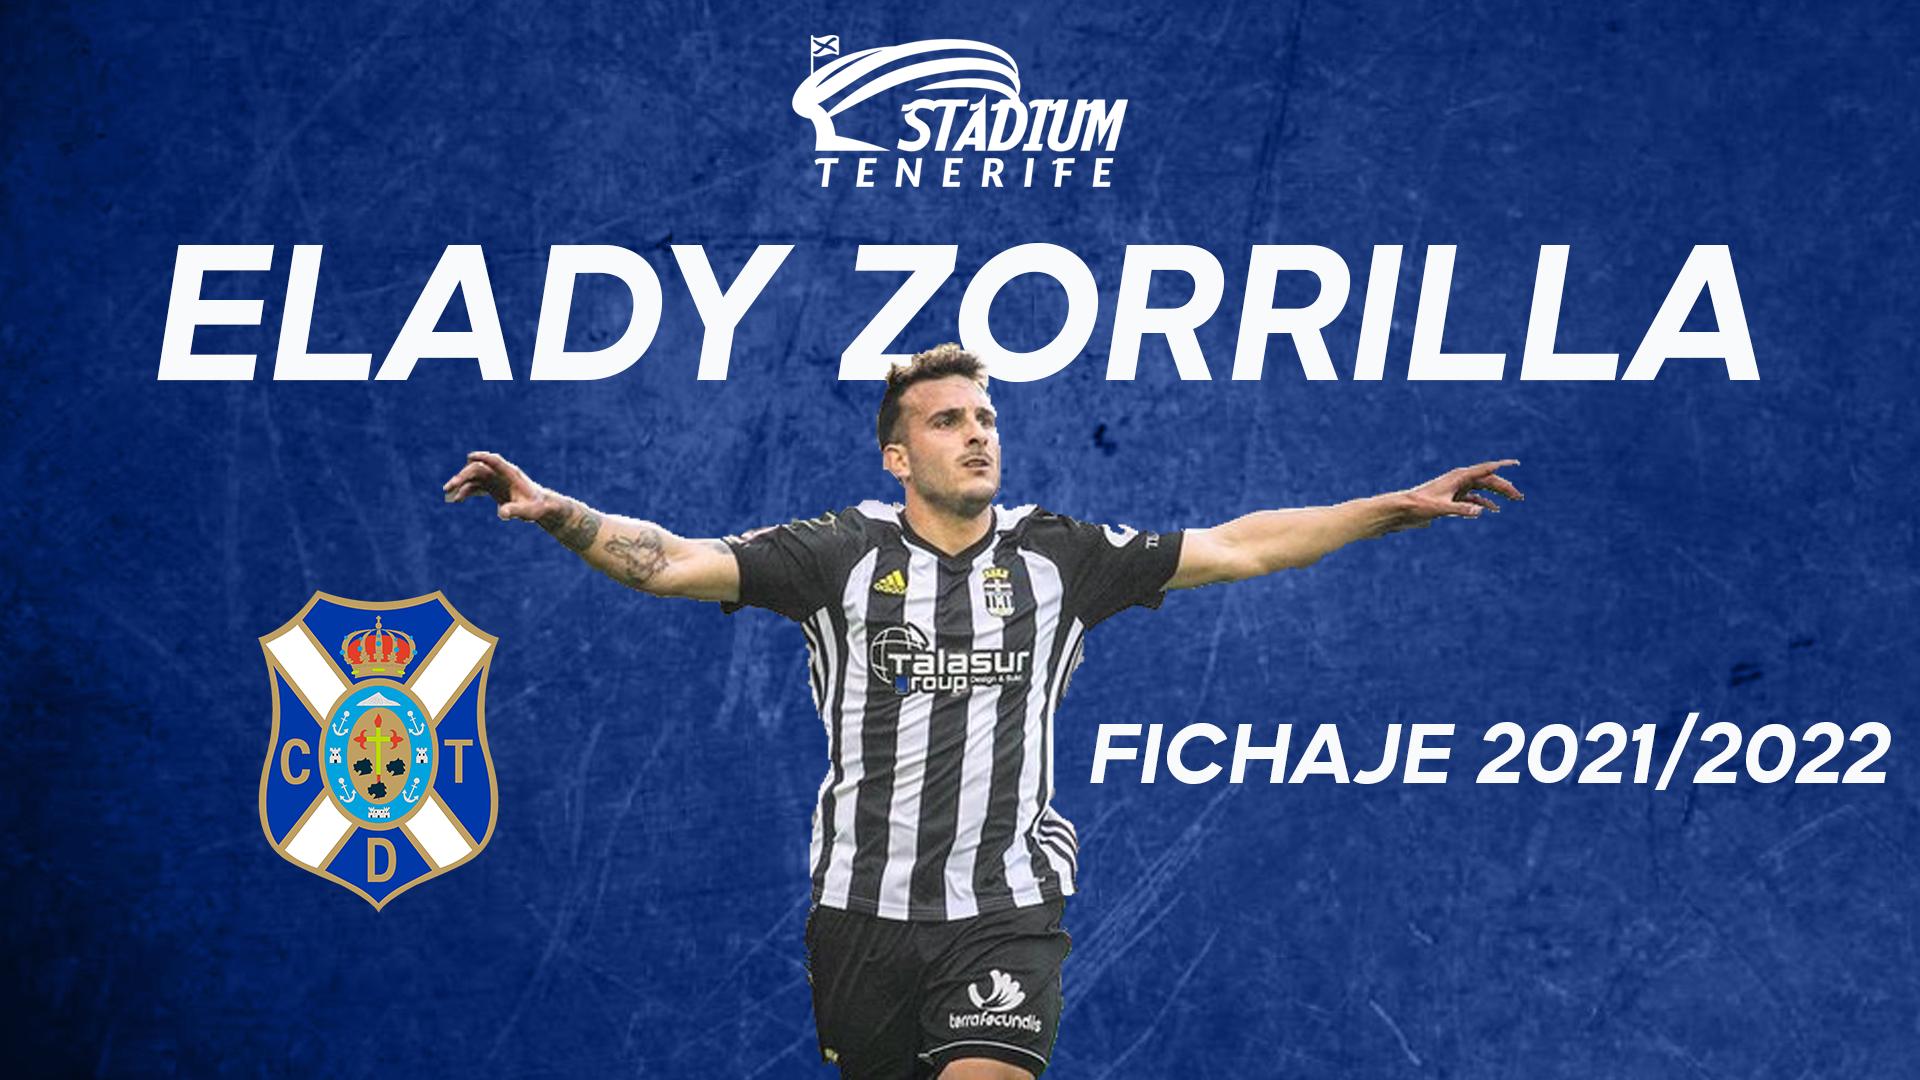 Análisis Fichaje CDT: Elady Zorrilla, polivalencia y gol desde segunda línea